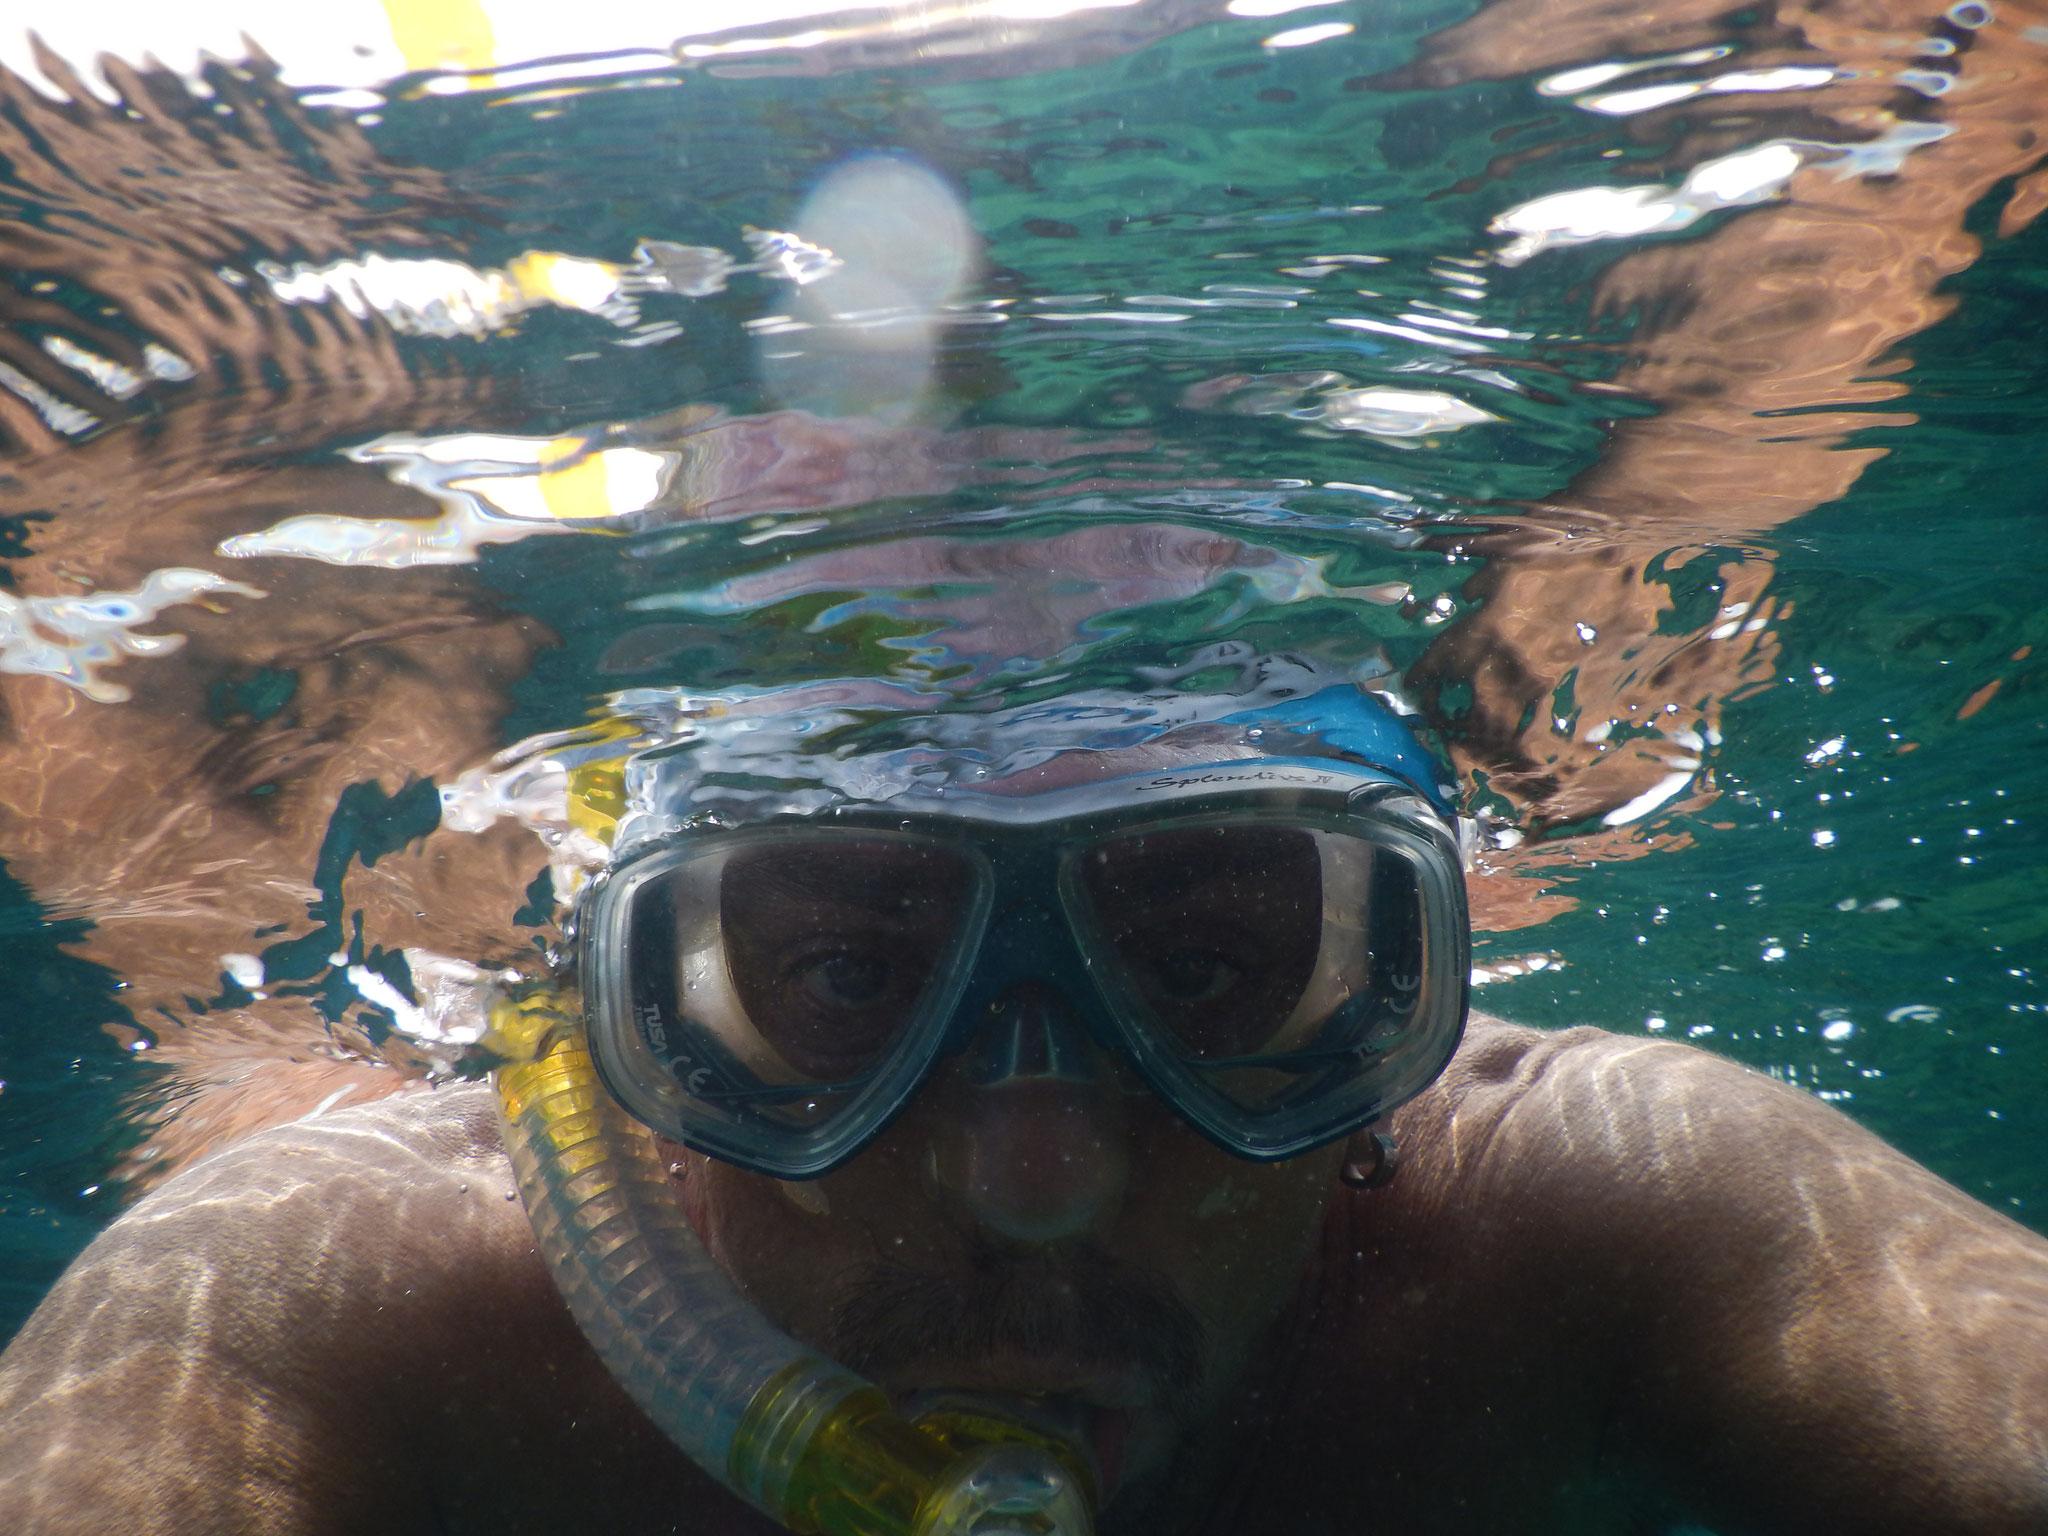 schnorcheln, baden , segeln Urlaub auf einer Segelyacht im Mittelmeer